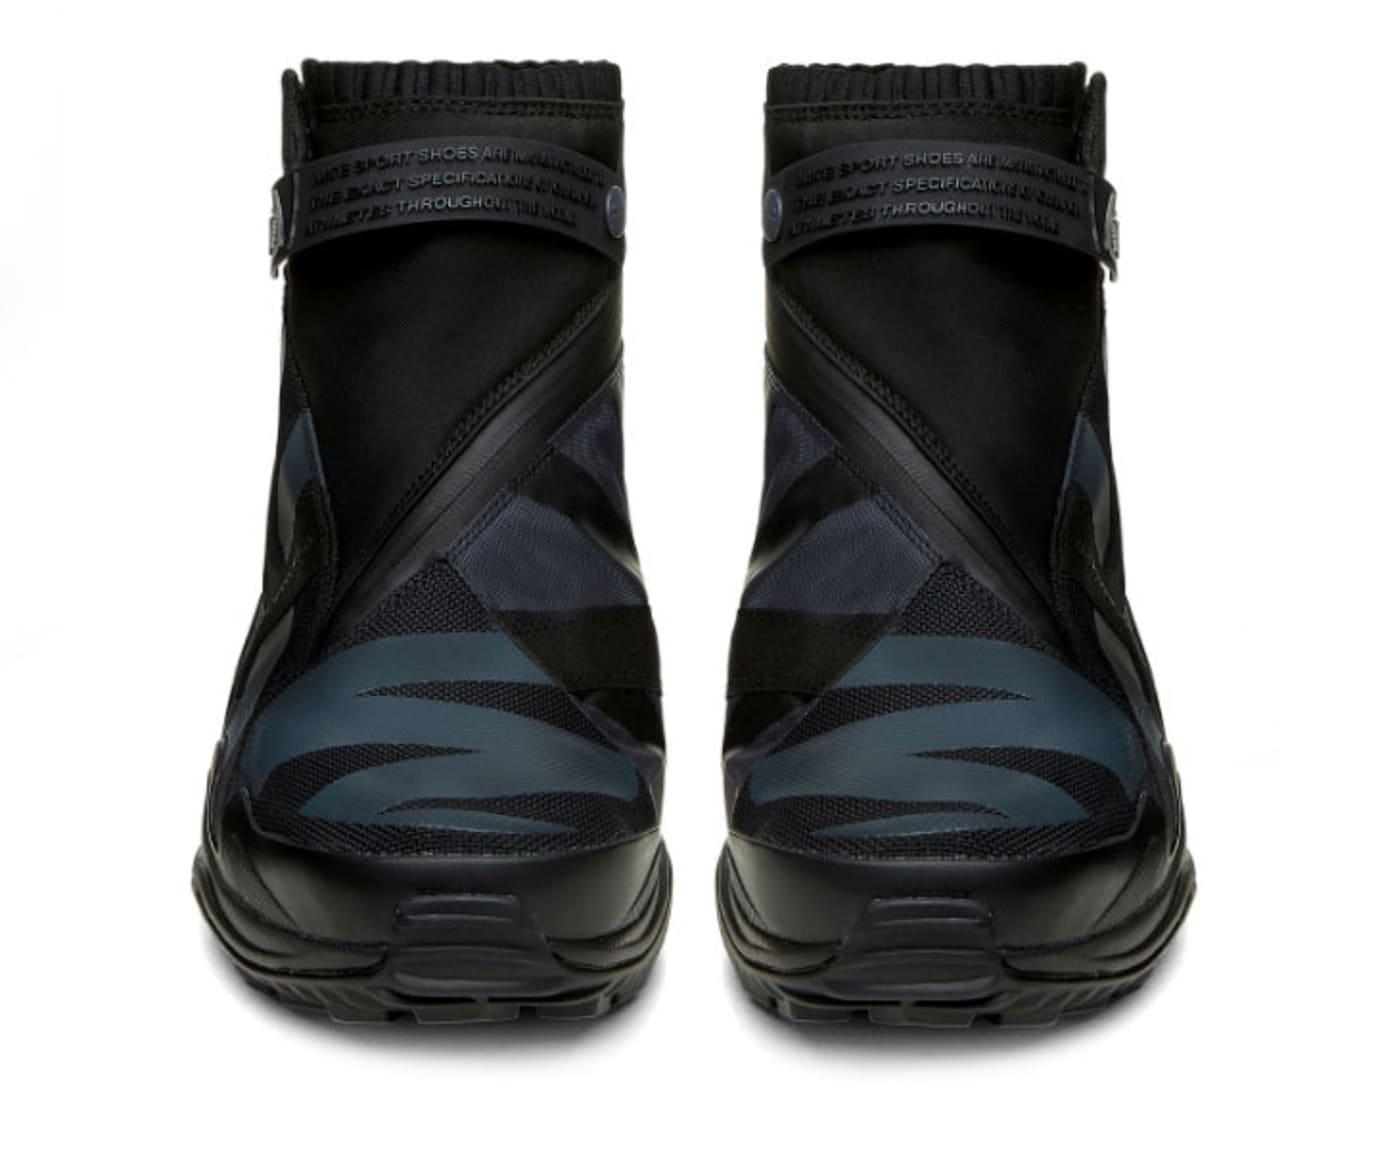 NikeLab Gyakusou Gaiter Boot 'Black' (Toe)